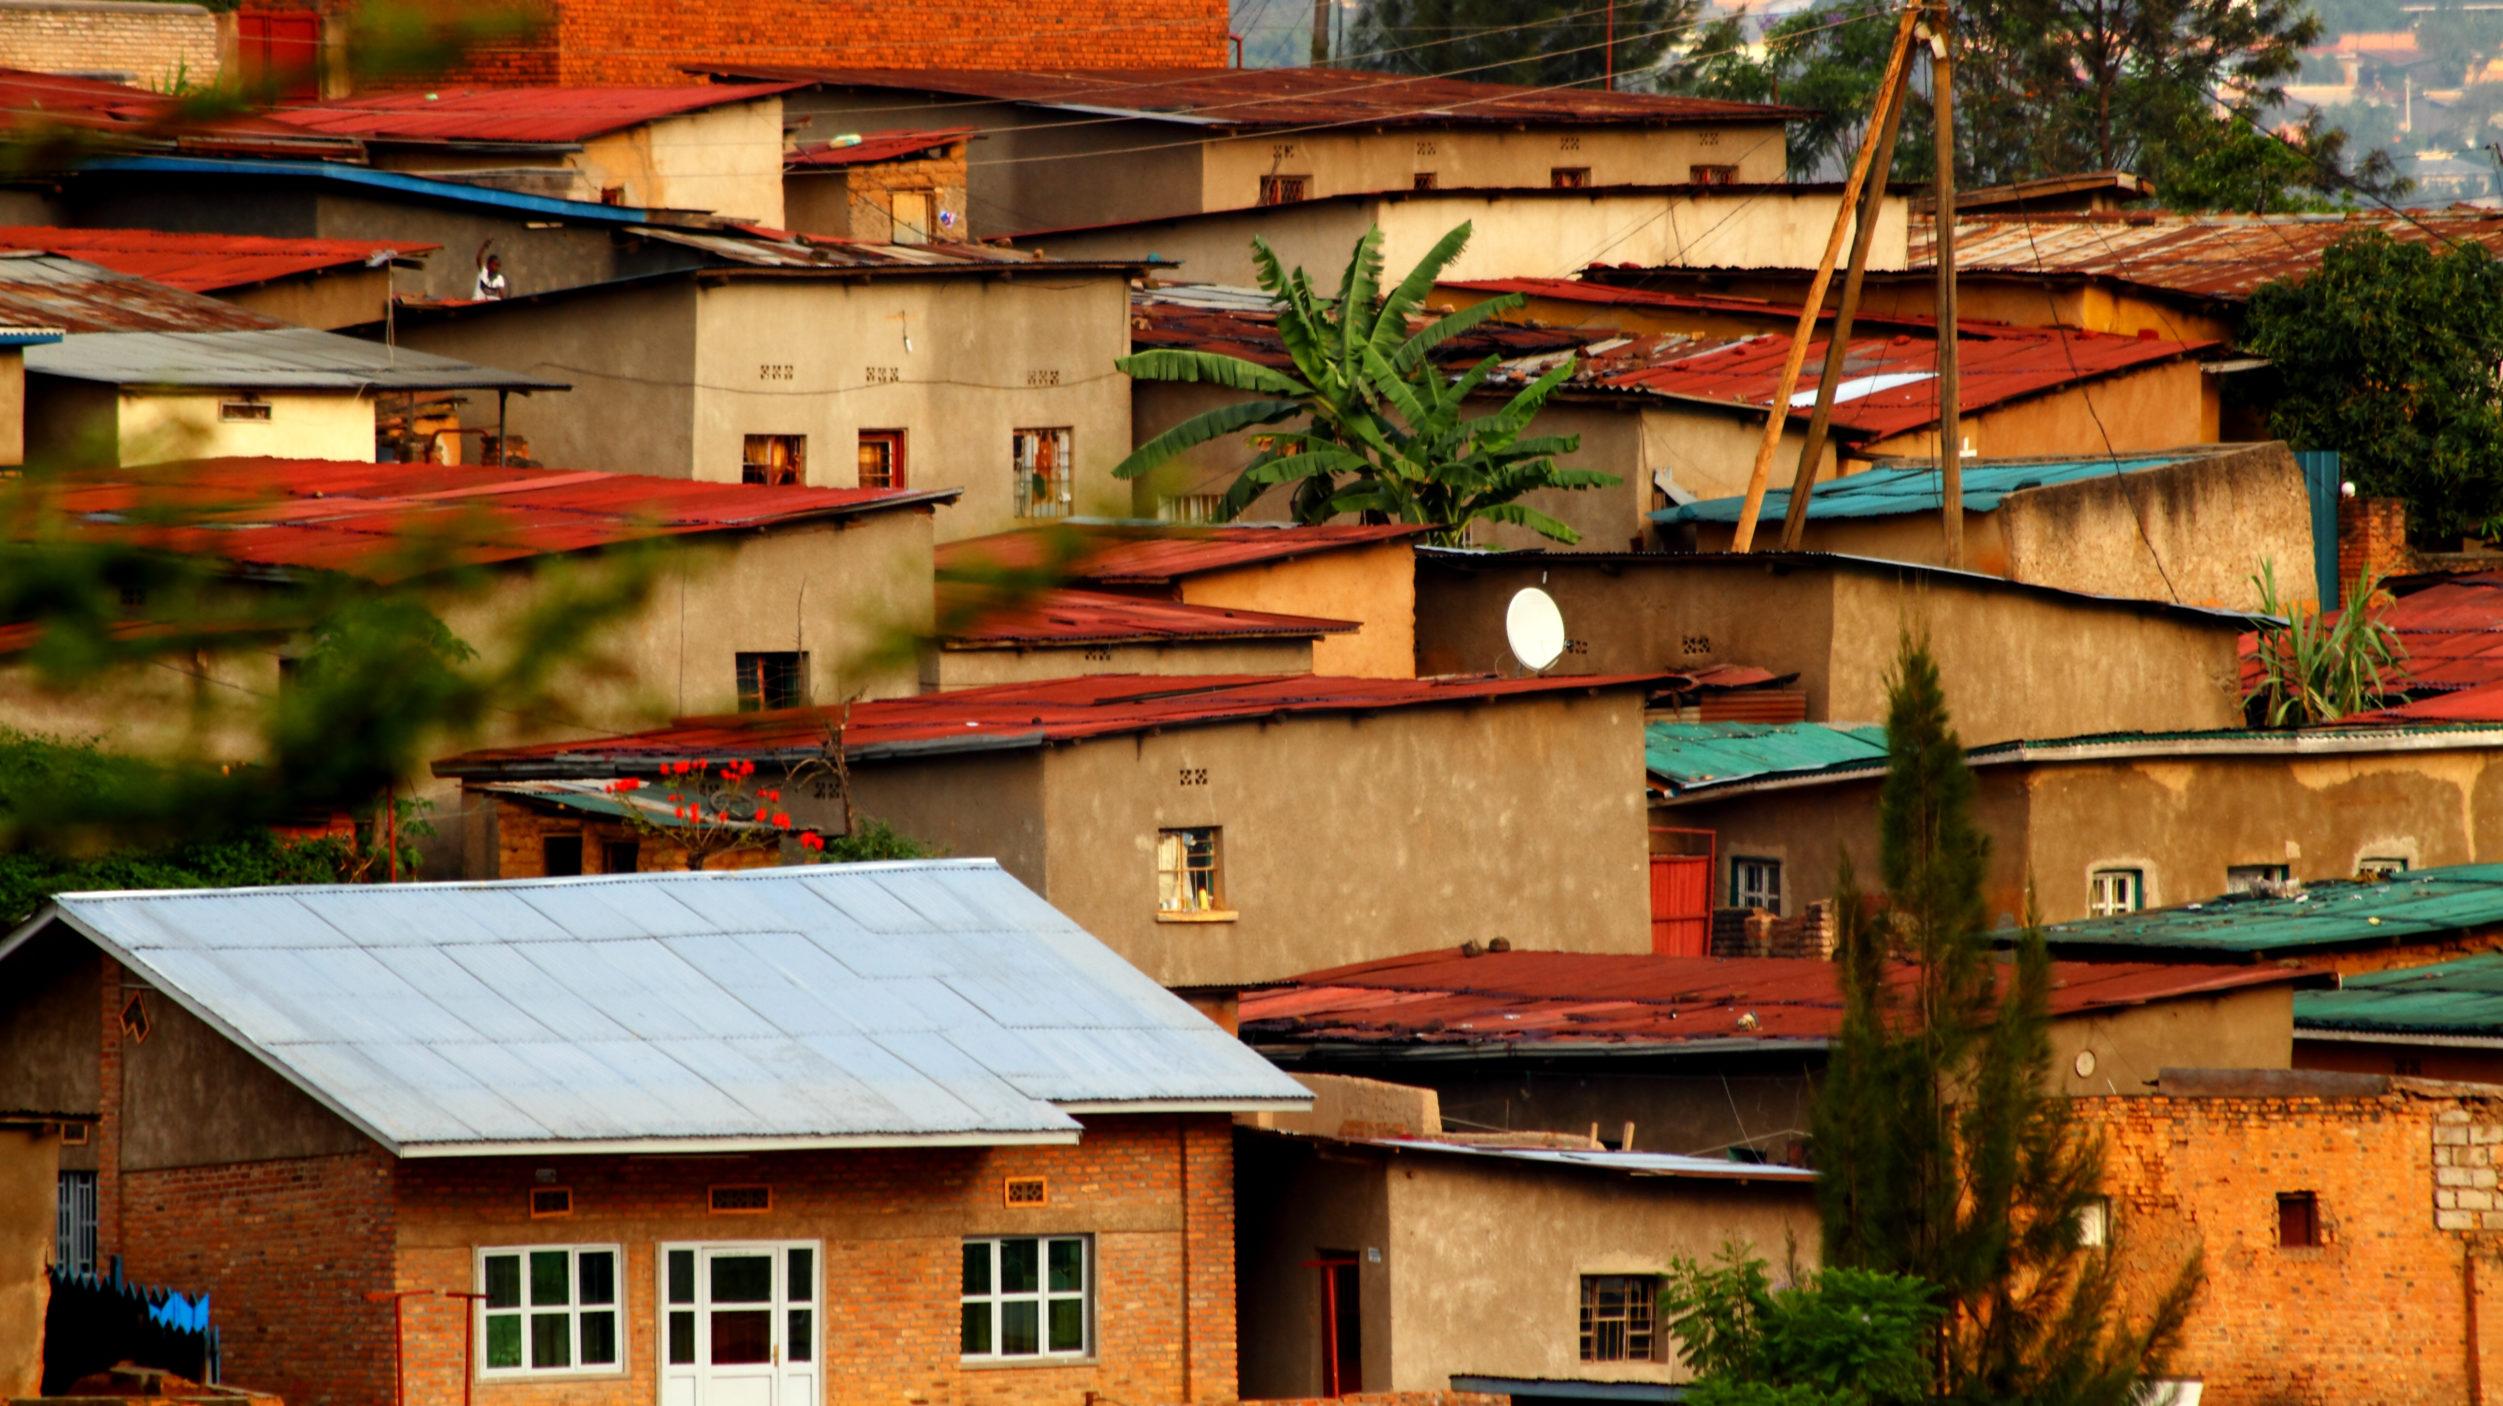 Rwanda [shutterstock]